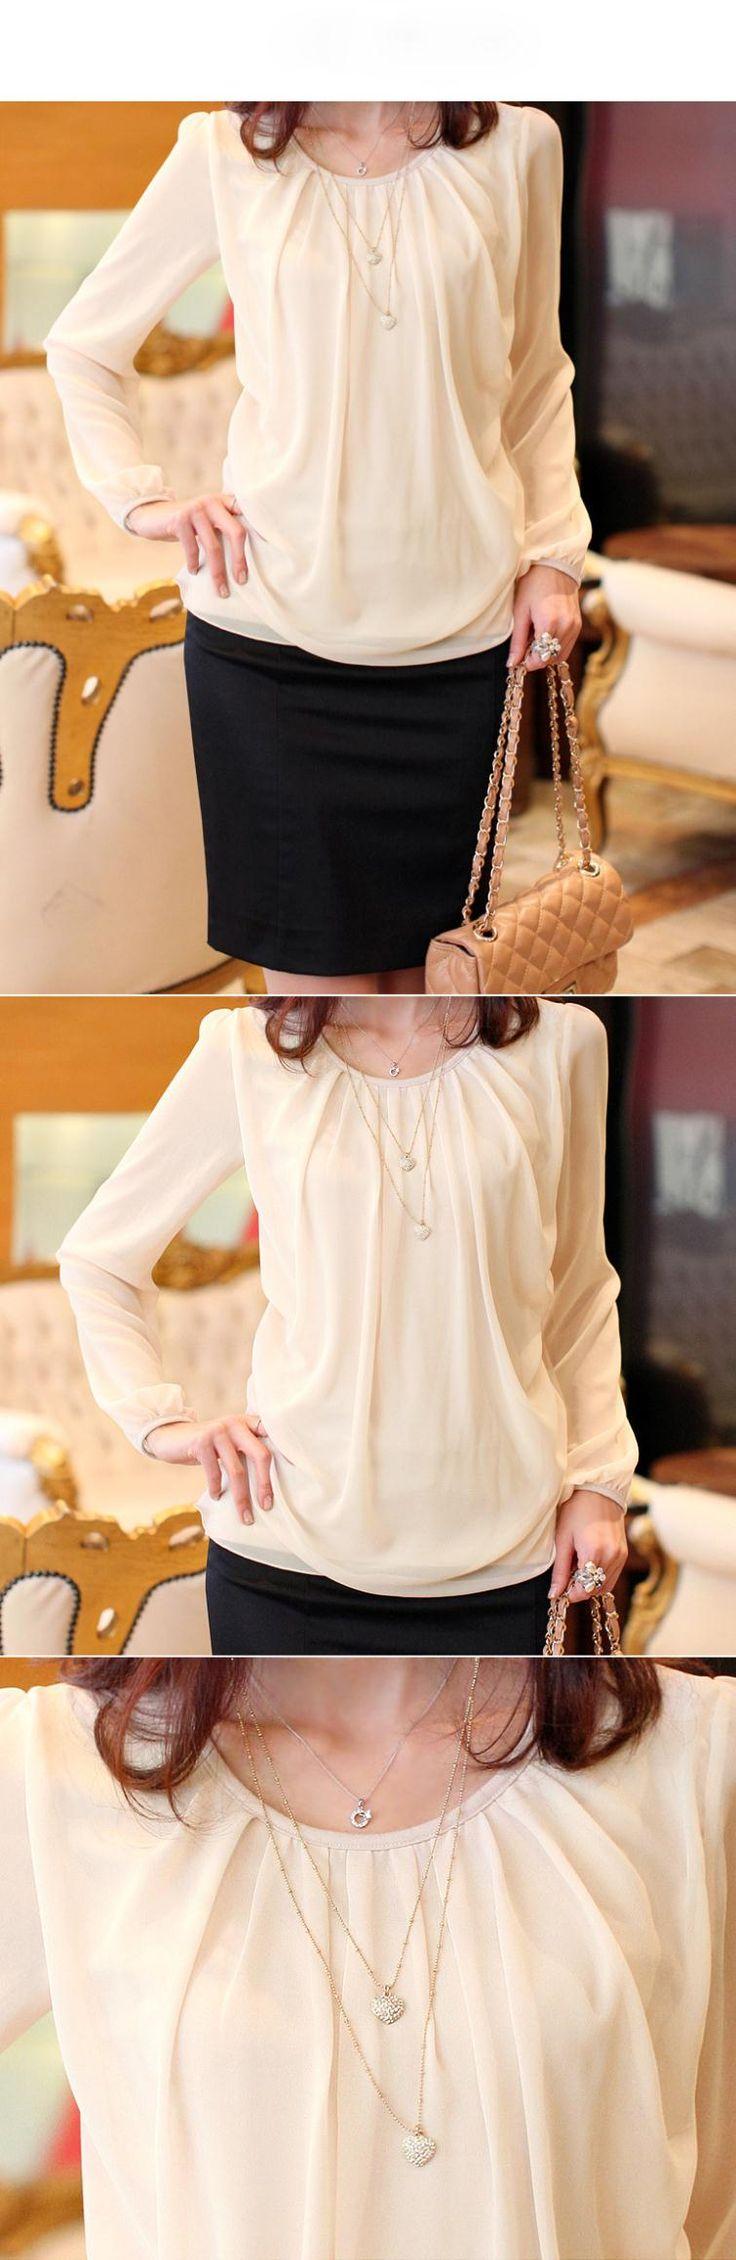 Elegante Outono Mulher Roupas Plus Size XXXXL Chiffon camisa das mulheres blusa manga comprida Dobre Blusas Femininas Moda Feminina Blusas em Blusas de Roupas & acessórios no AliExpress.com   Alibaba Group